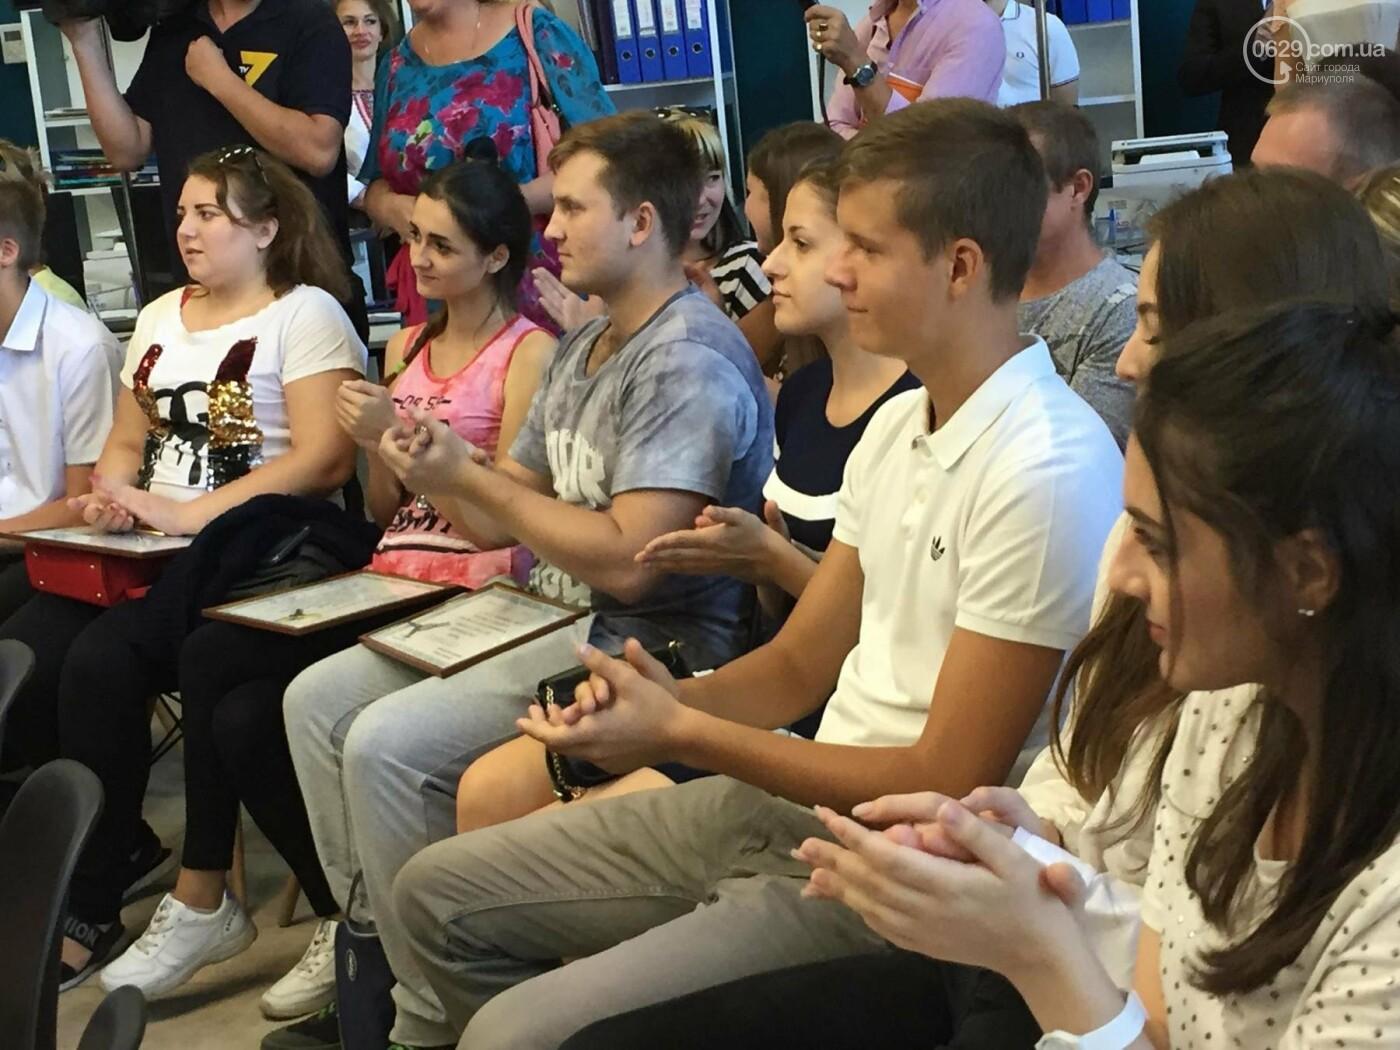 Детям-сиротам в Мариуполе вручили сертификаты на собственные квартиры,- ФОТО, ВИДЕО, фото-7